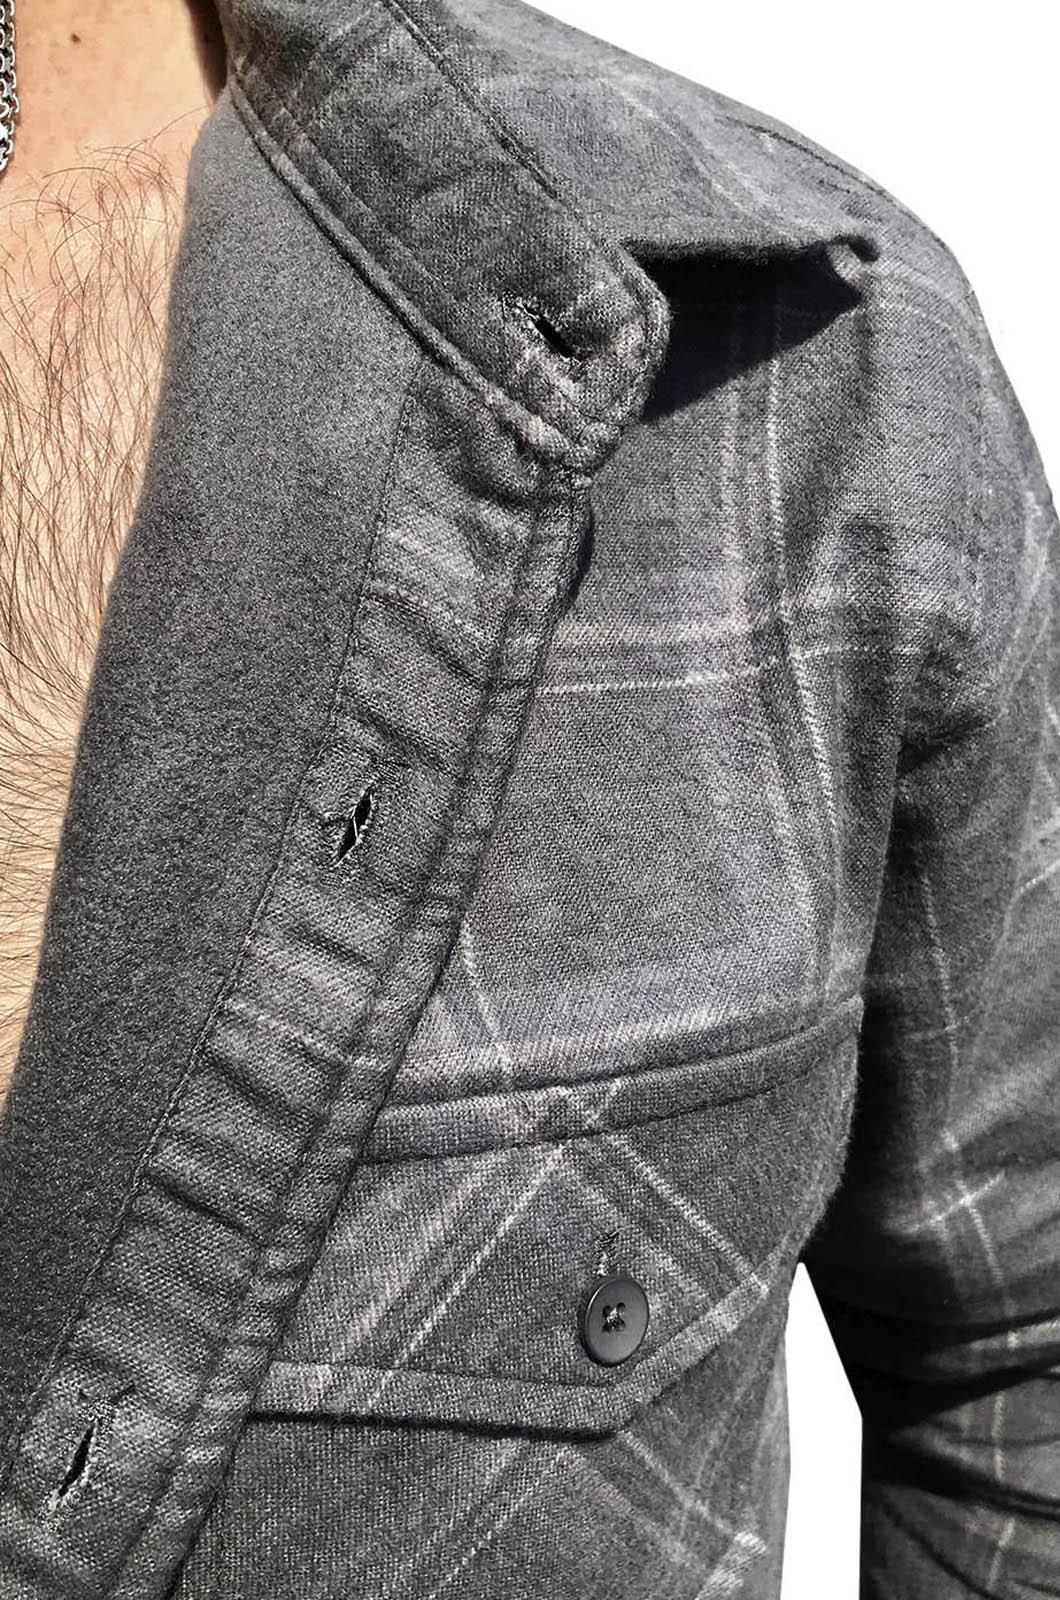 Лаконичная рубашка с вышитой эмблемой Танковые Войска - купить с доставкой